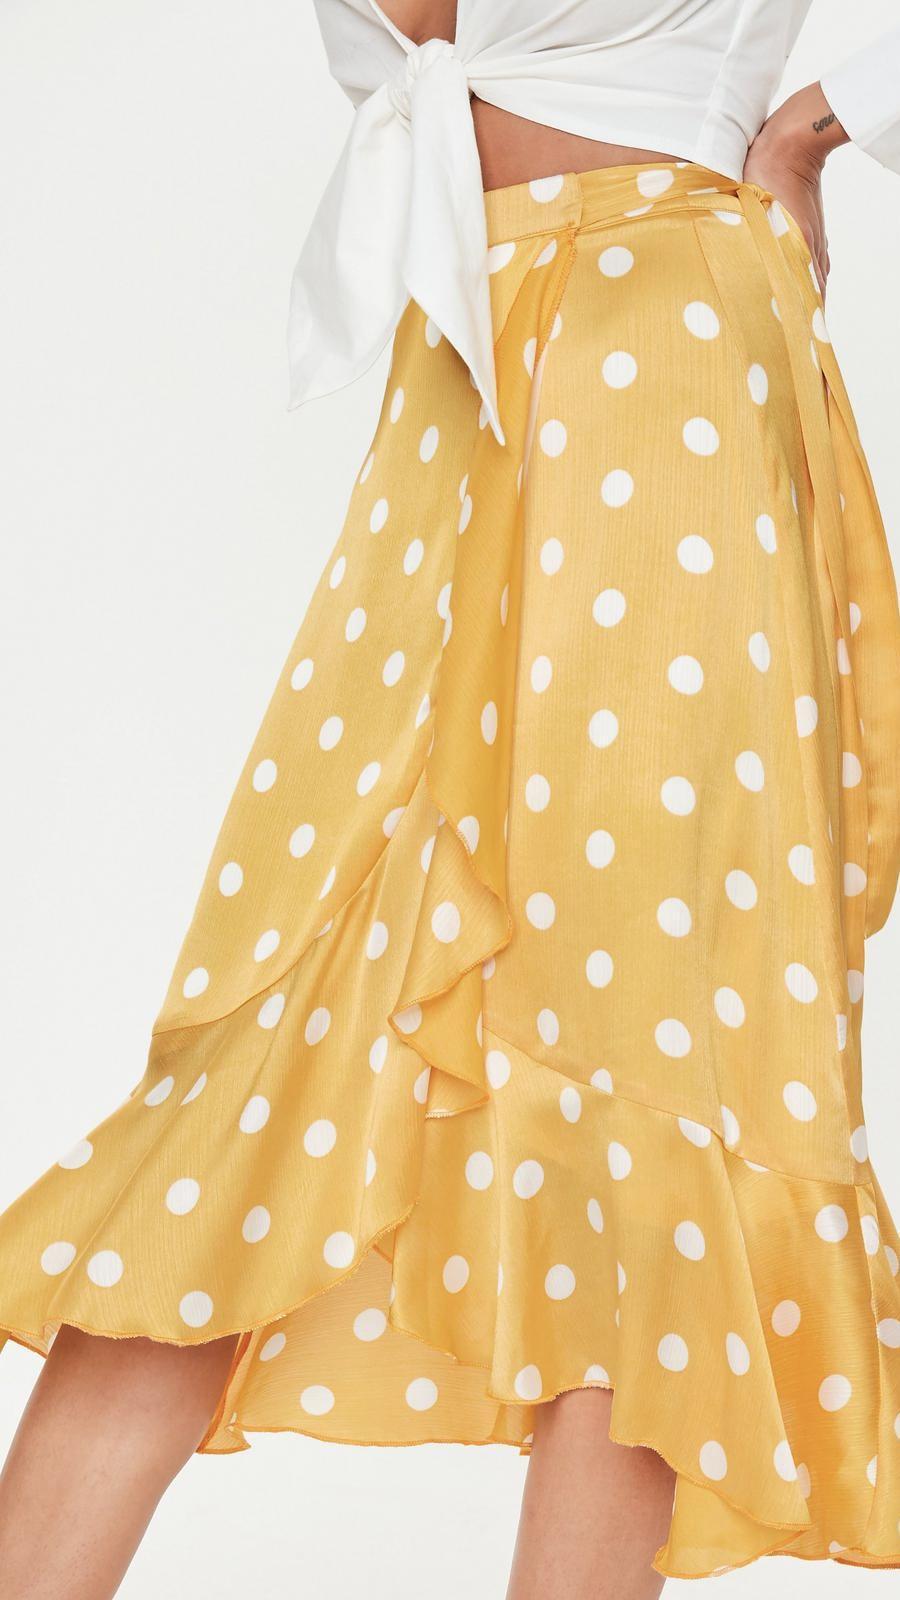 nuevo concepto 7a1ce ba02d Faldas pareo de moda de la primavera 2019 que sientan muy ...